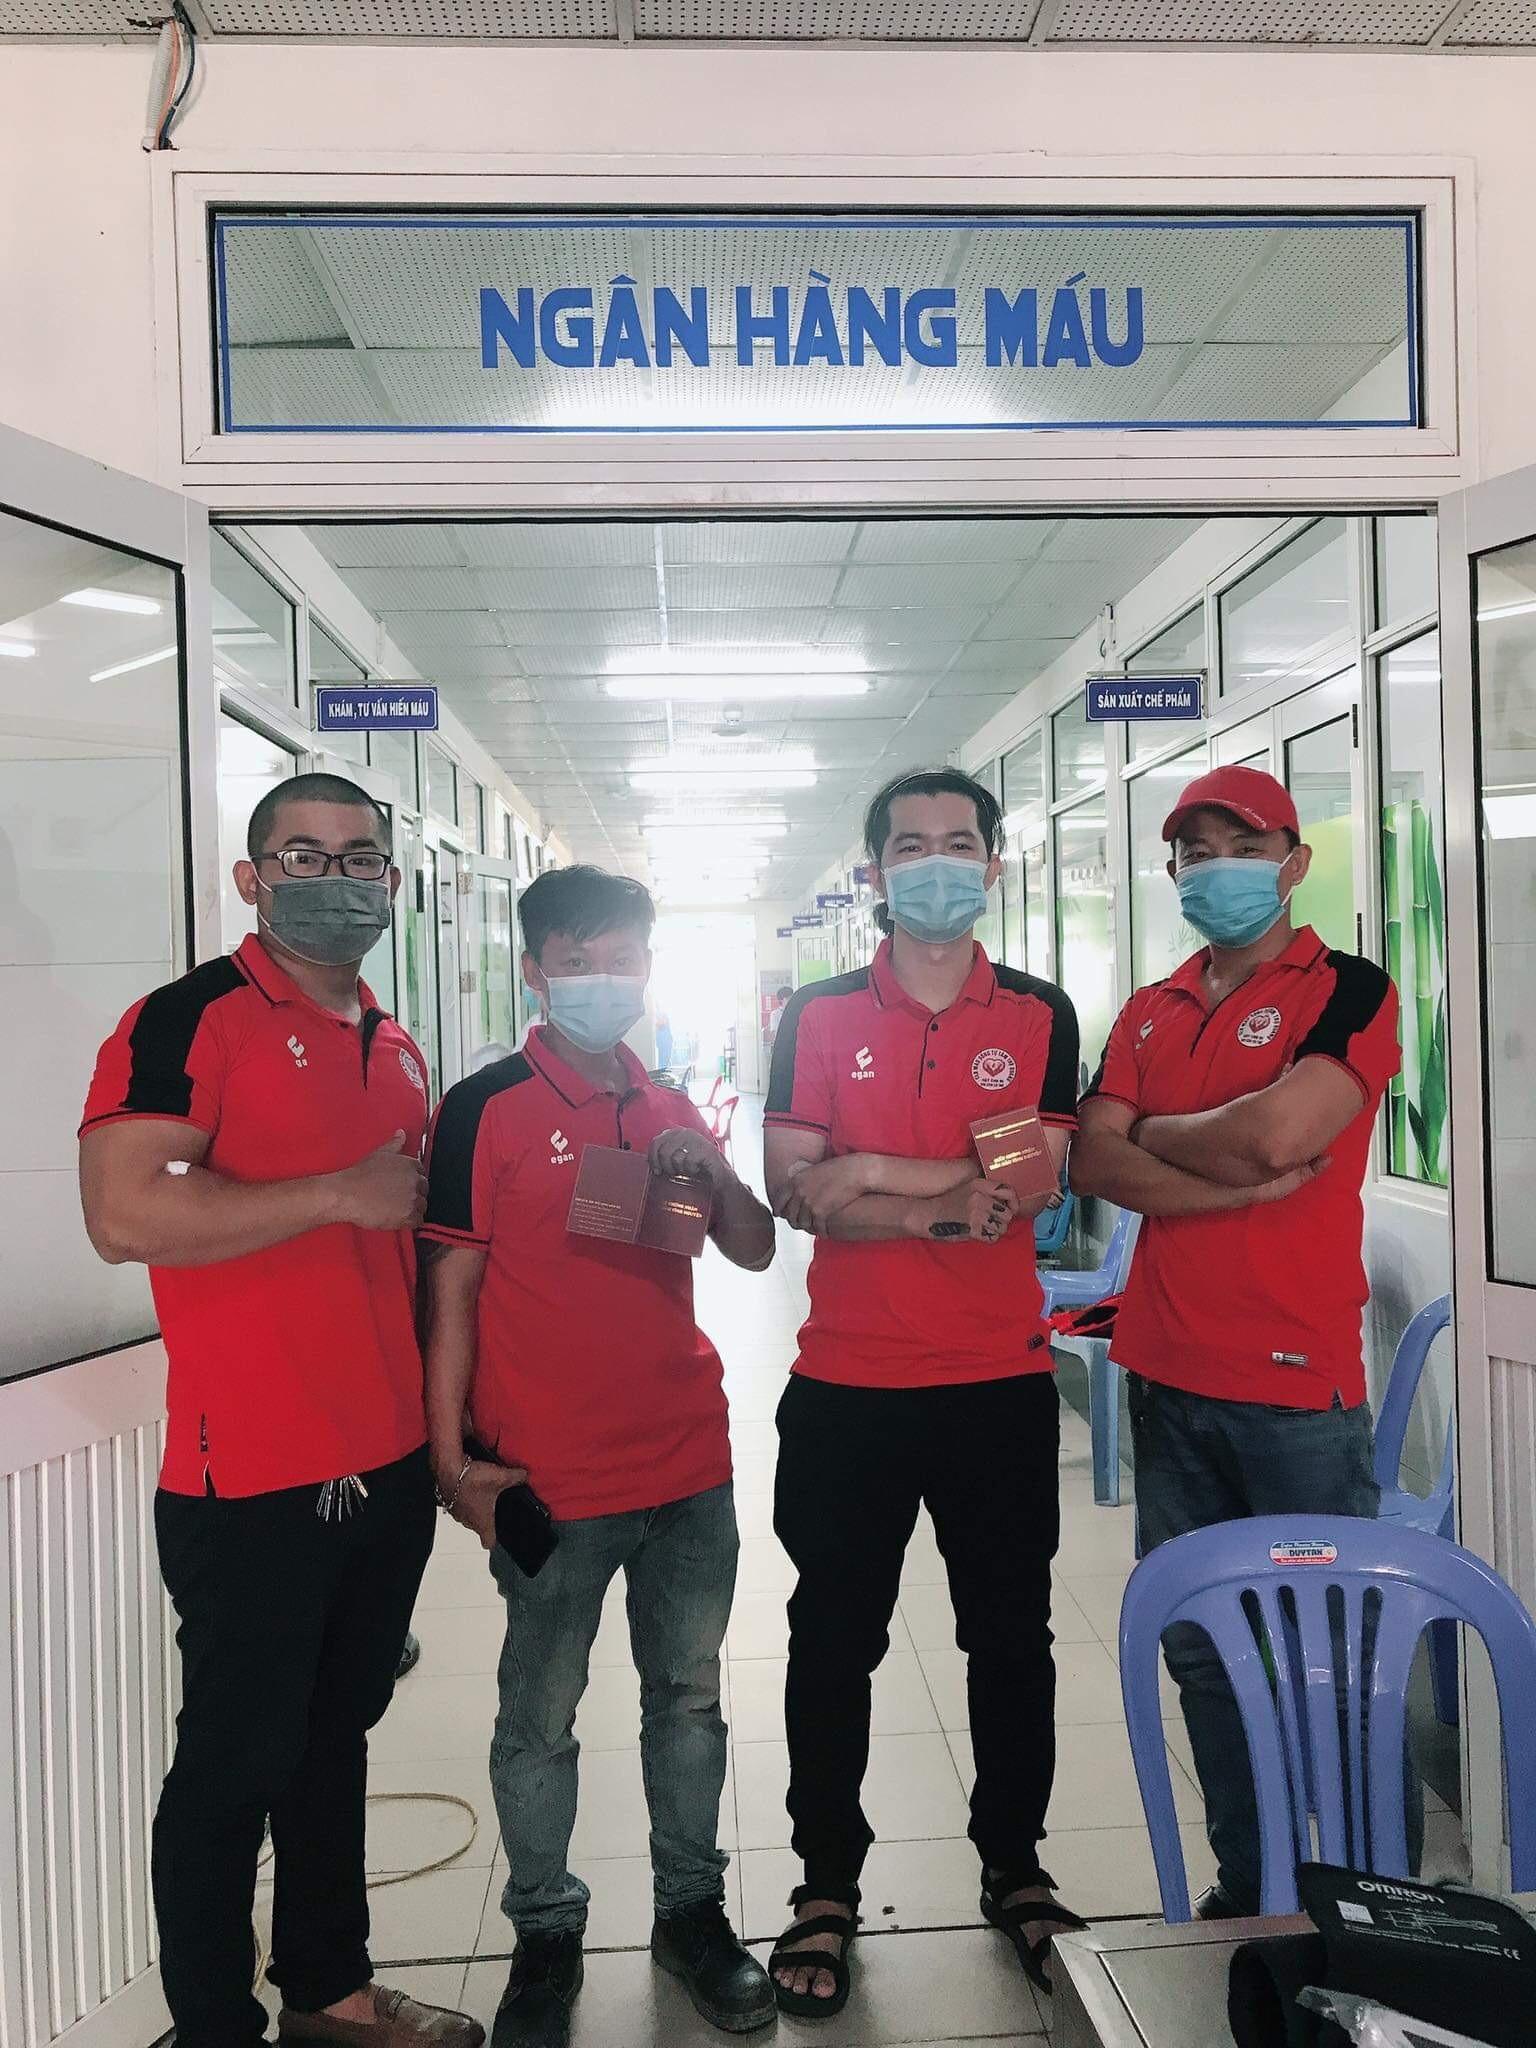 CLB máu sống ở Đà Nẵng: Hãy cho đi khi còn có thể-5